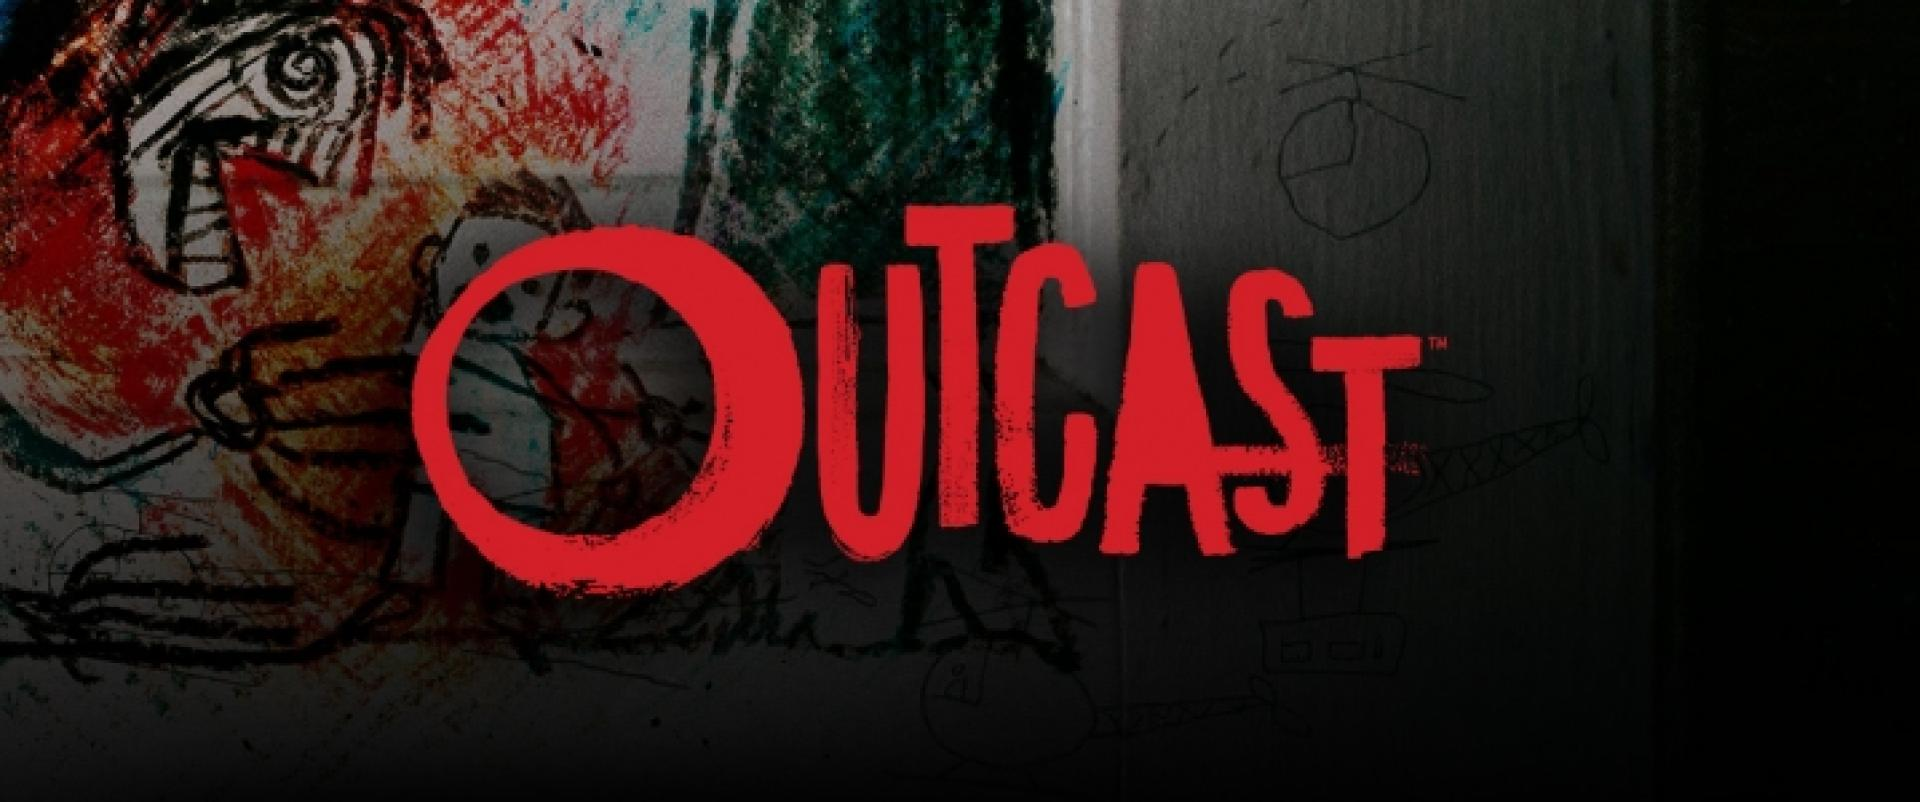 Outcast 1x09